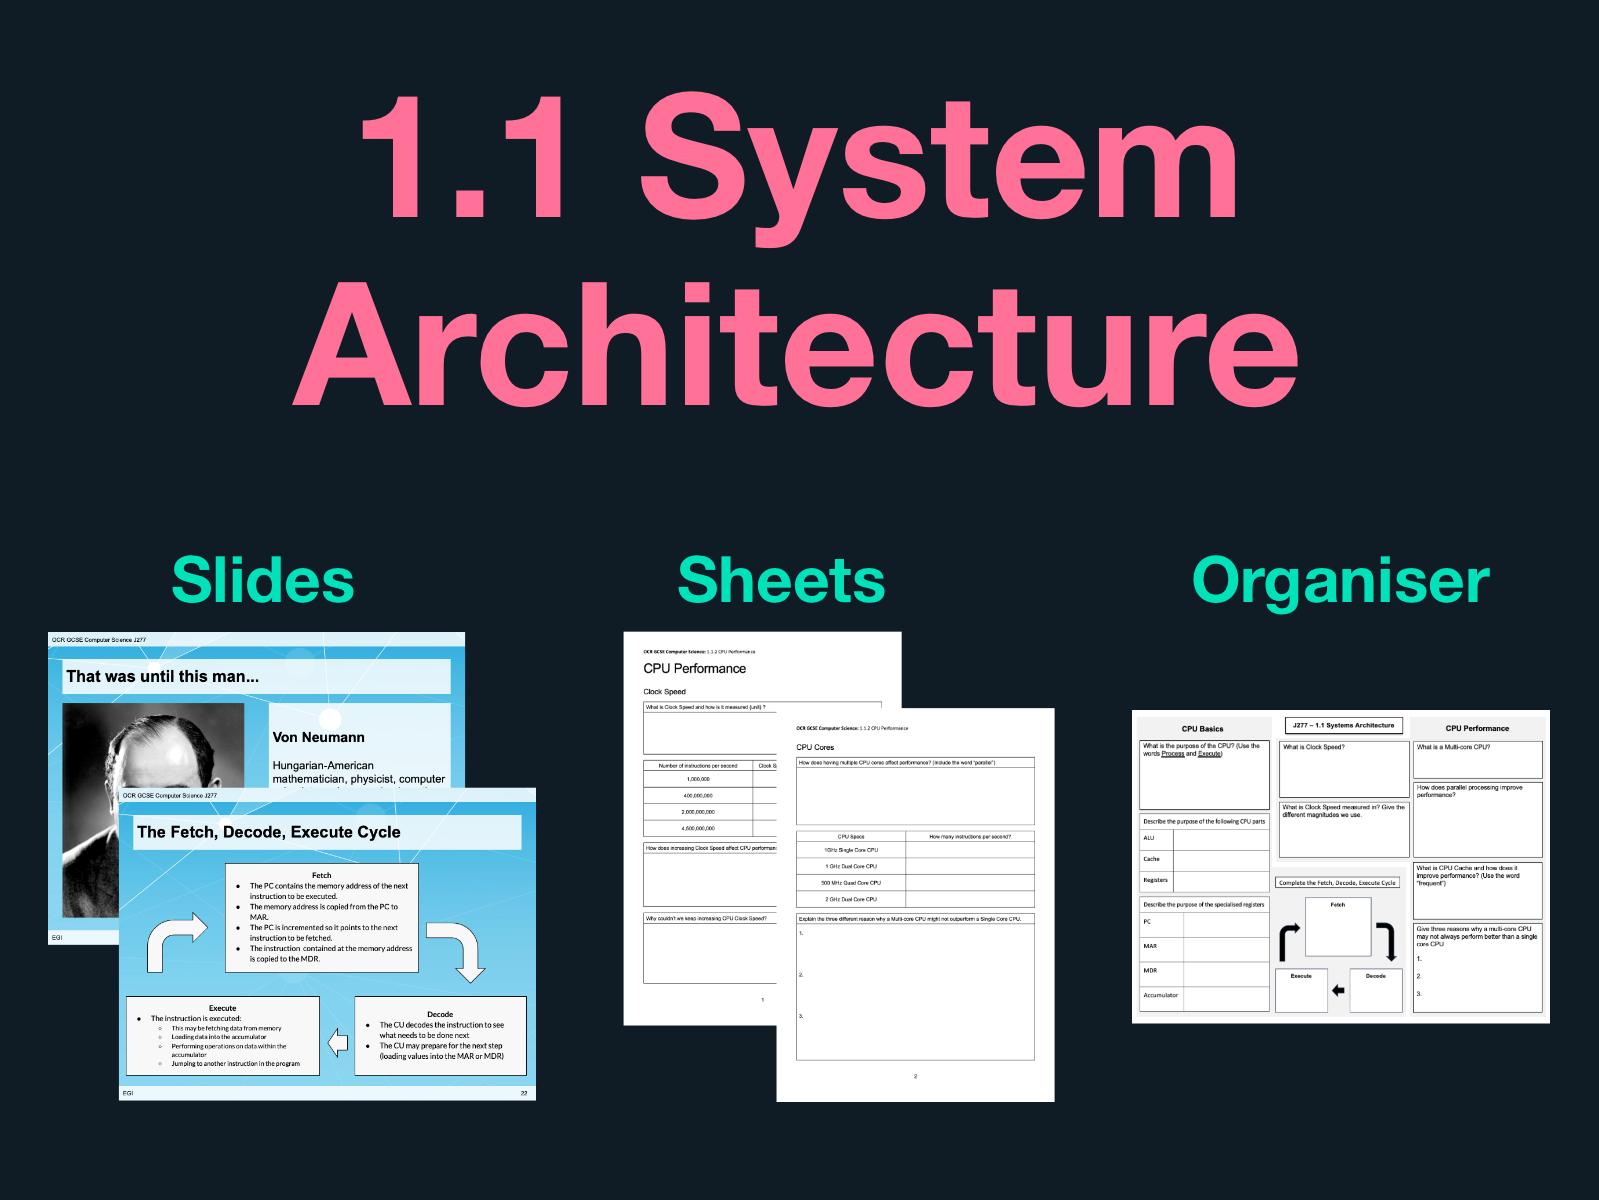 J277 GCSE Computer Science 1.1 System Architecture Unit